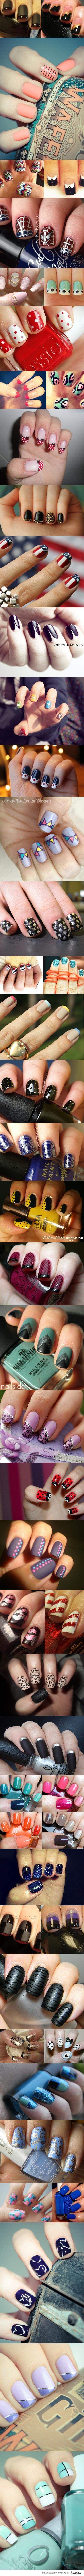 Nail art...too cute!